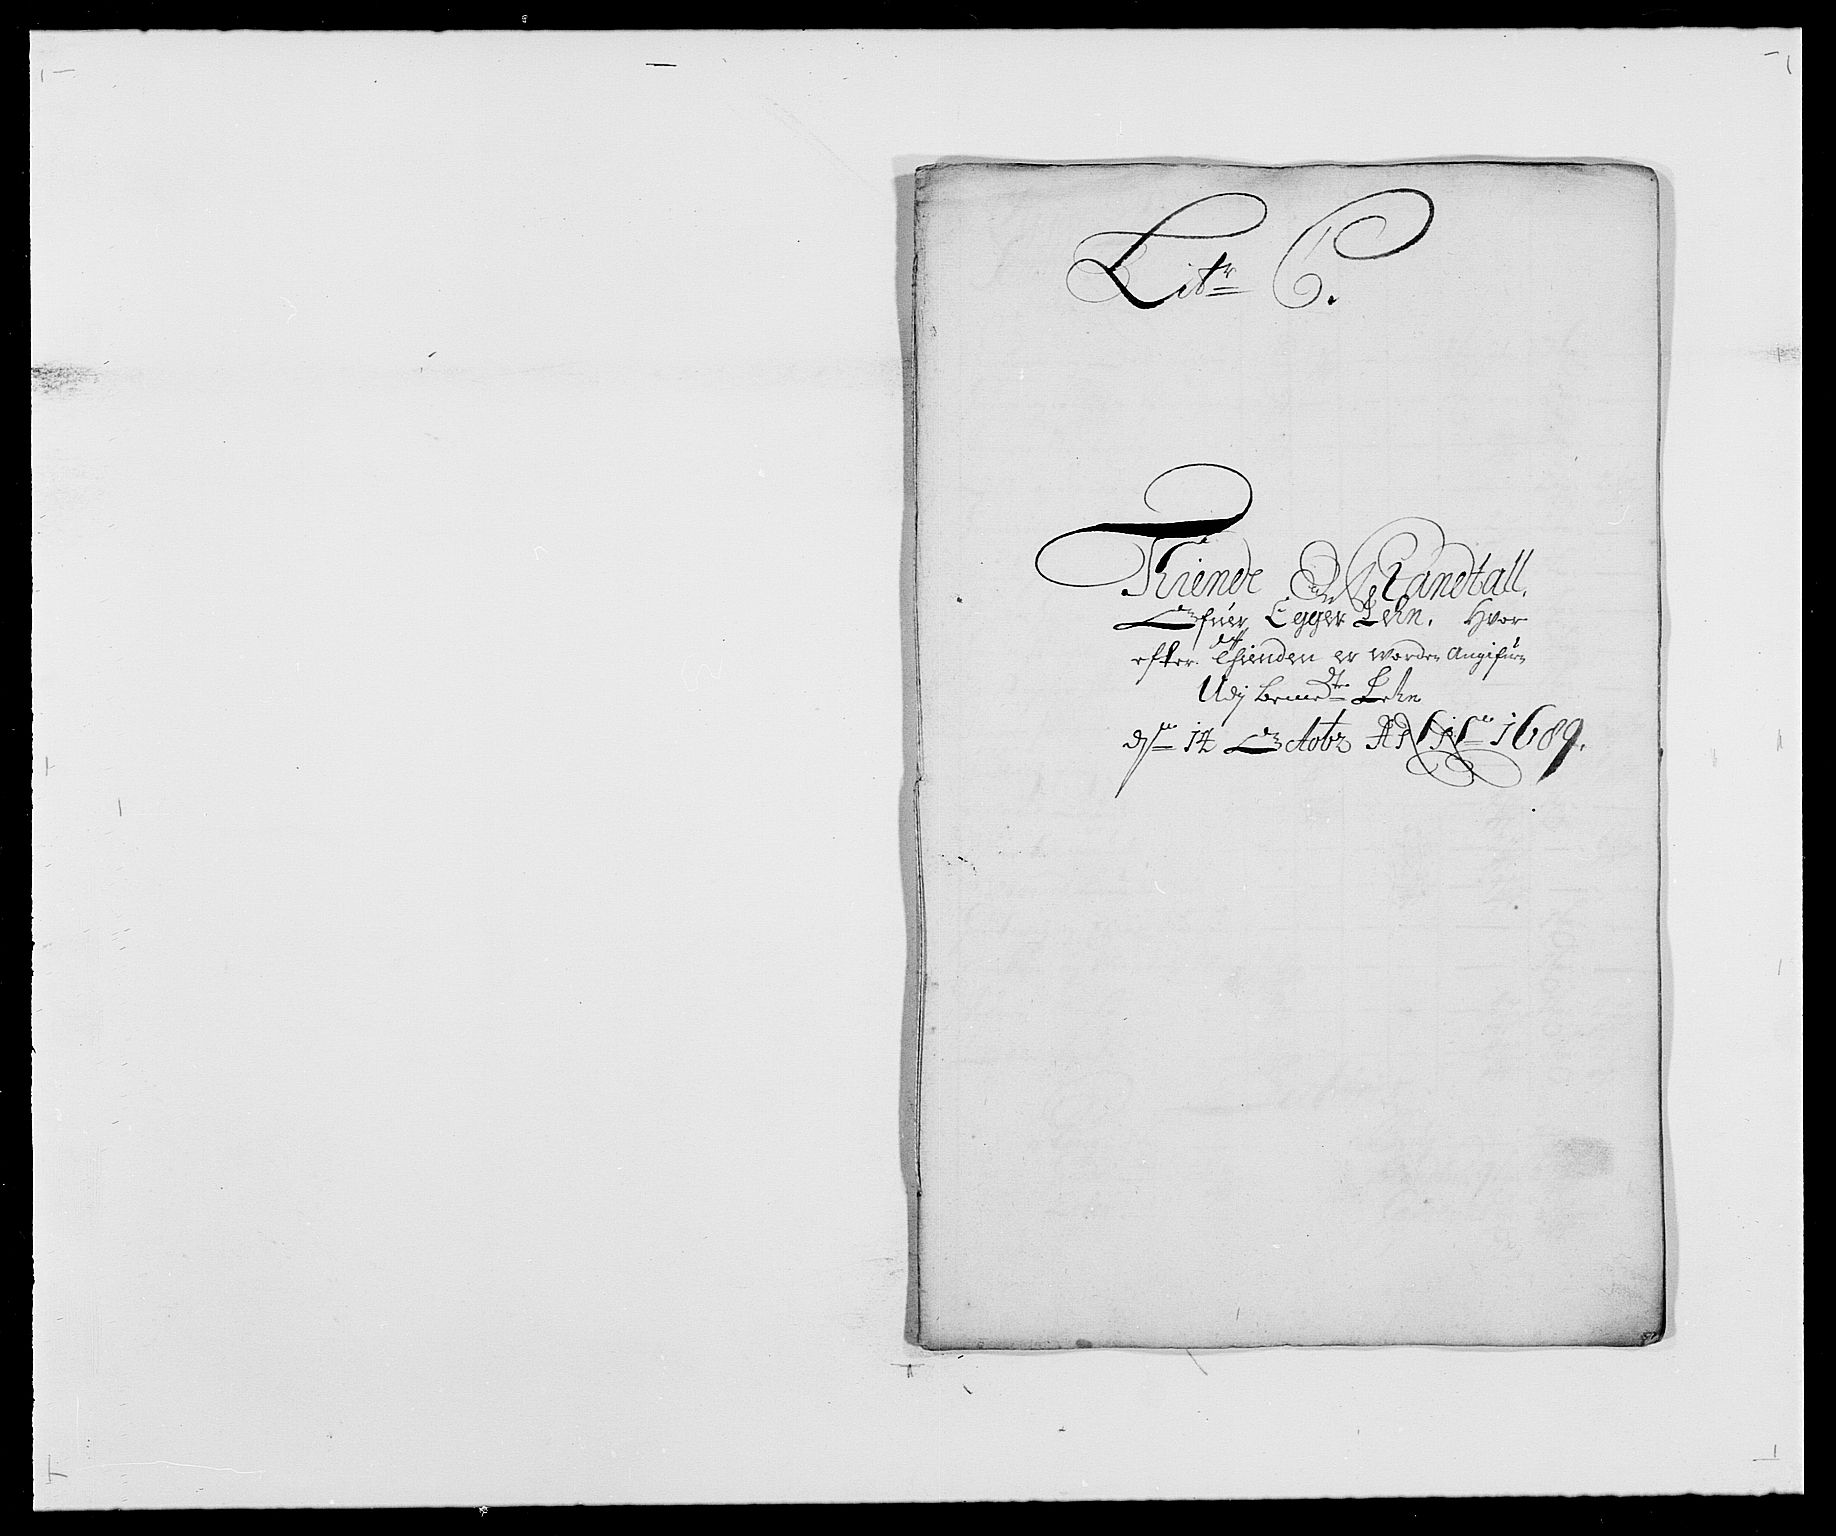 RA, Rentekammeret inntil 1814, Reviderte regnskaper, Fogderegnskap, R28/L1688: Fogderegnskap Eiker og Lier, 1687-1689, s. 346